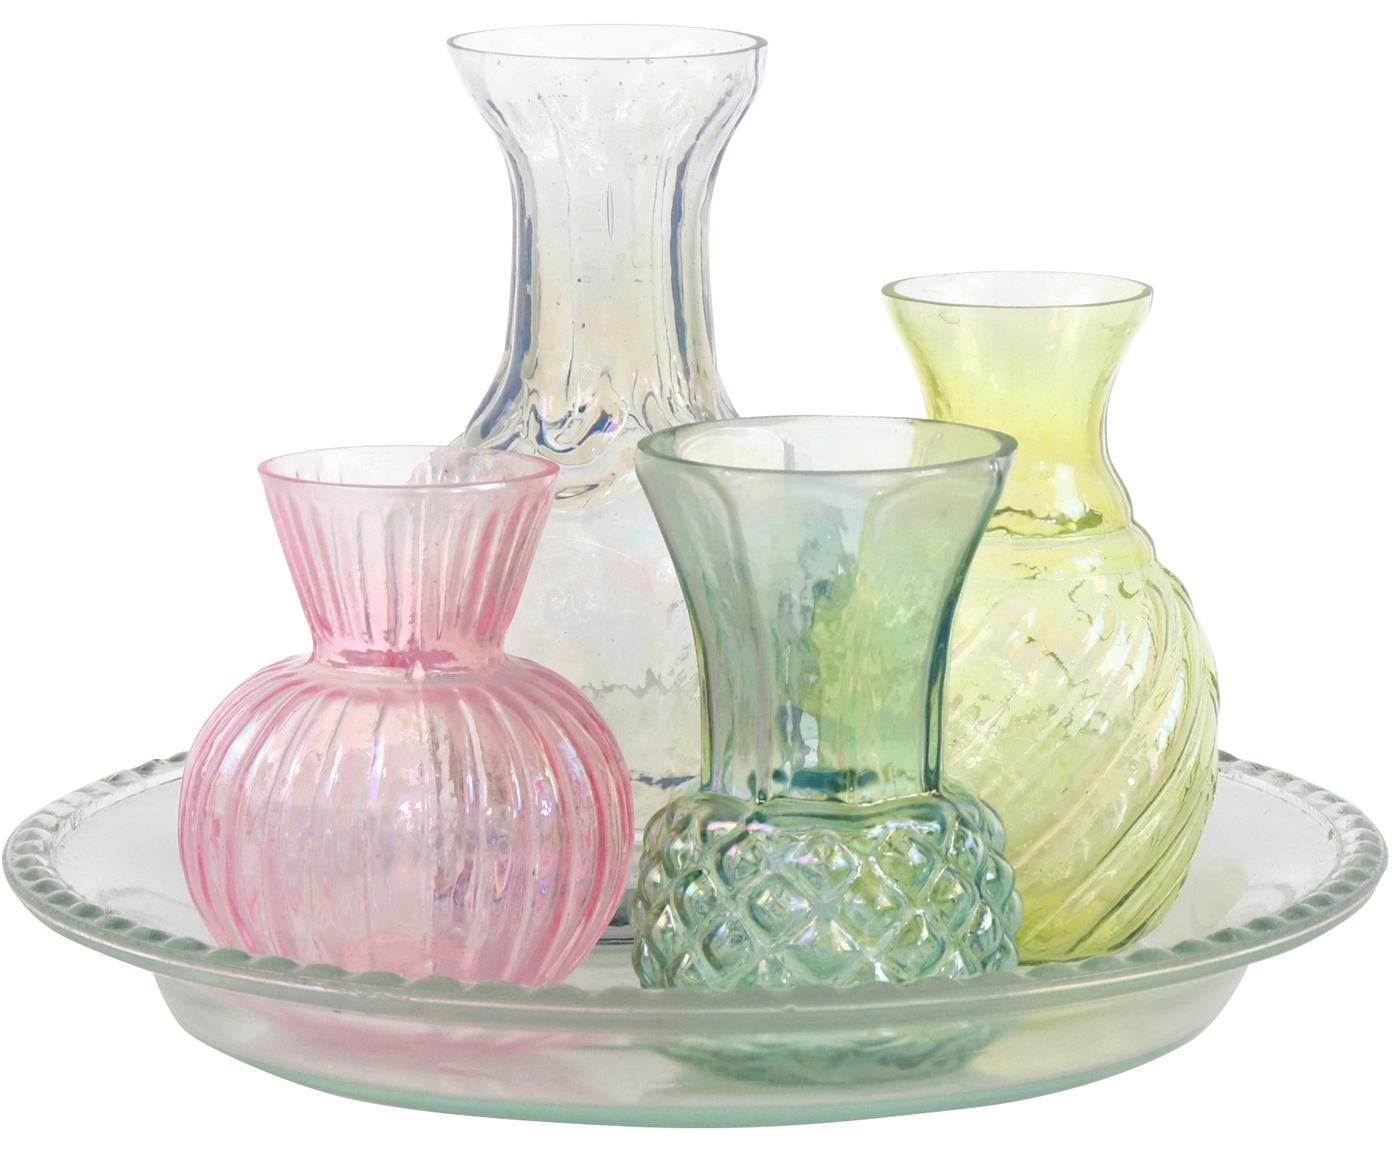 Glasvasen-Set Poesie, 5-tlg., Glas, Mehrfarbig, Sondergrößen